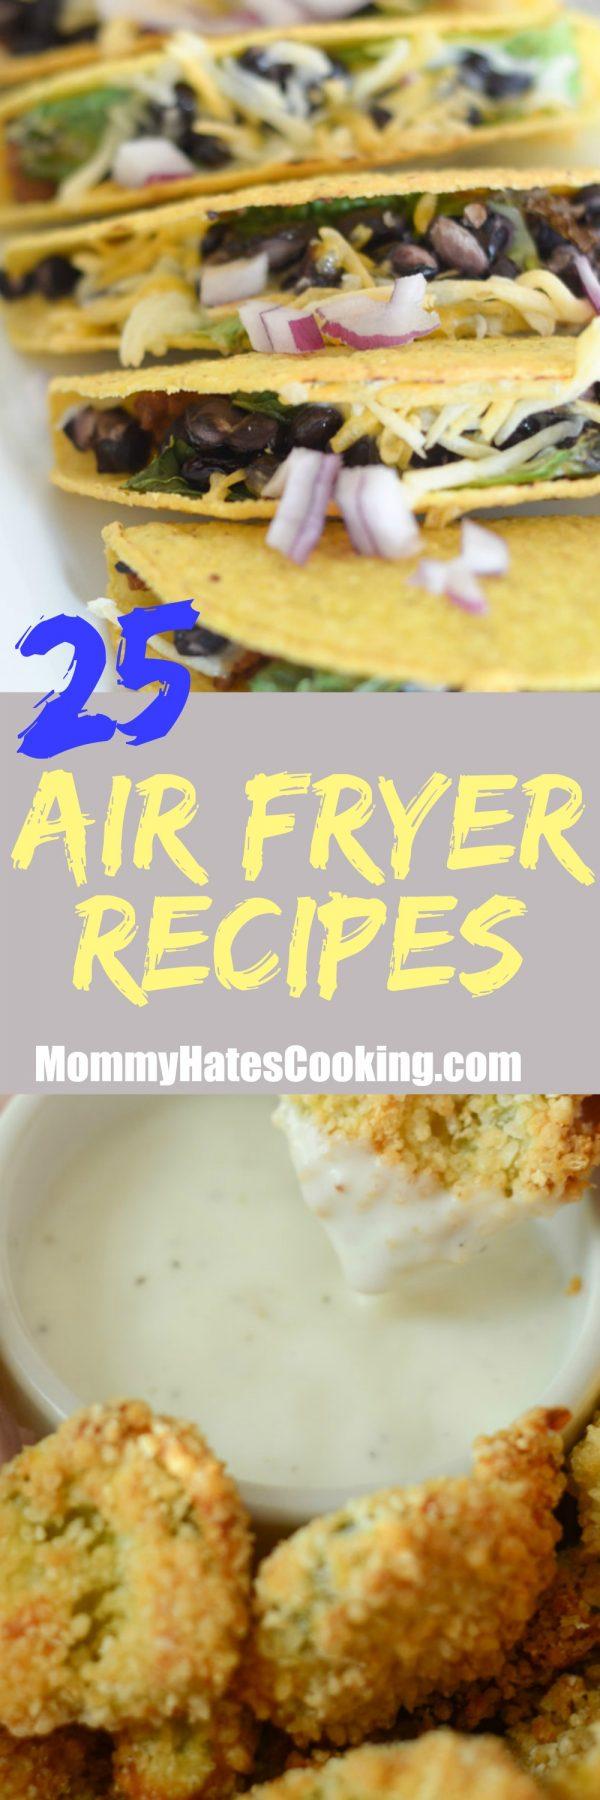 25 Air Fryer Recipes